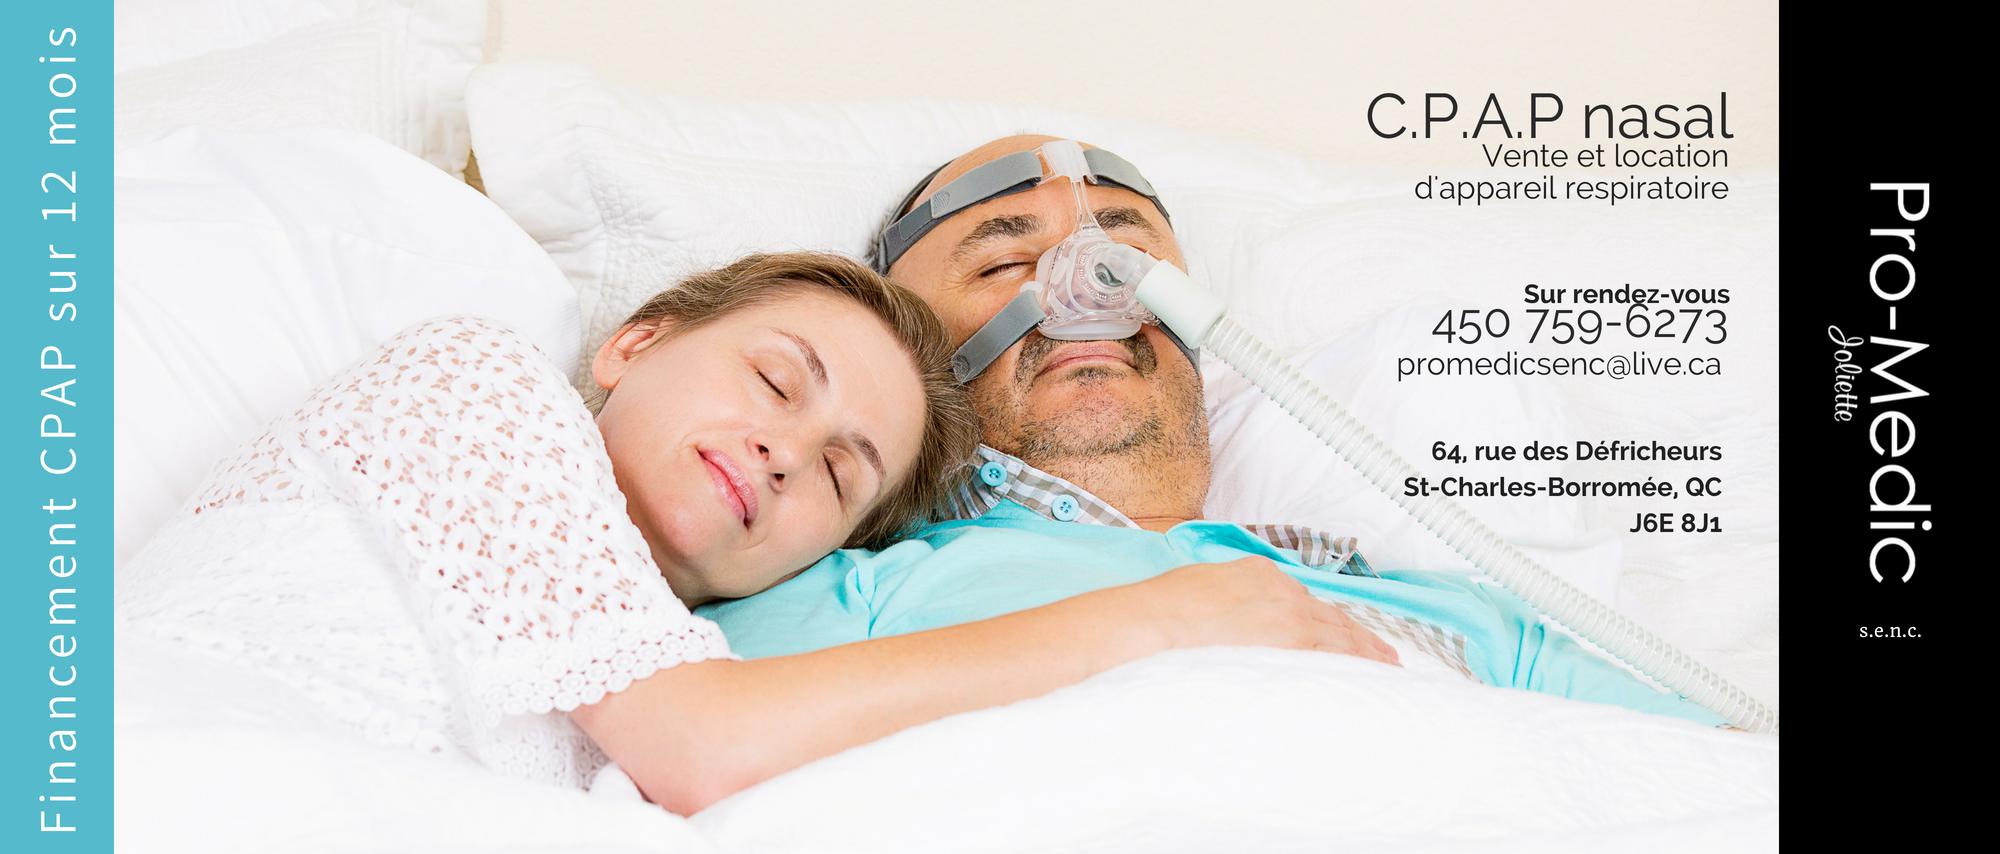 C.P.A.P nasal, masques et accessoires apnée du sommeil - Pro médic Joliette s.e.n.c. St-Charles-Borromée, Joliette 2018